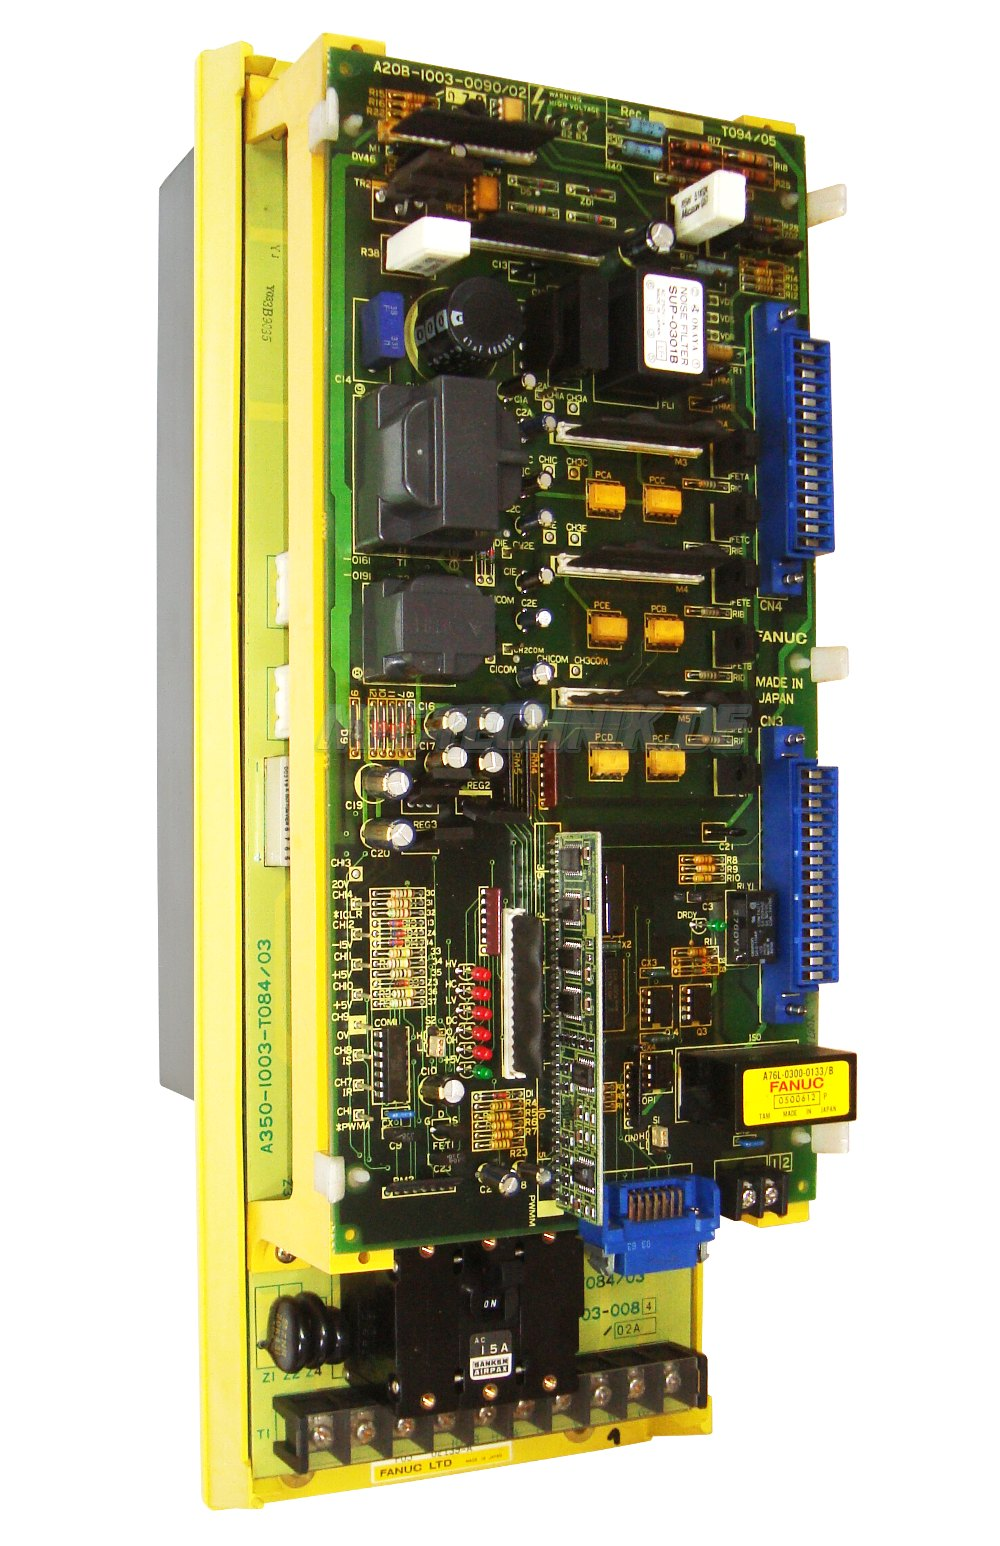 1 Online Shop A06b-6058-h025 Fanuc Achsmodul